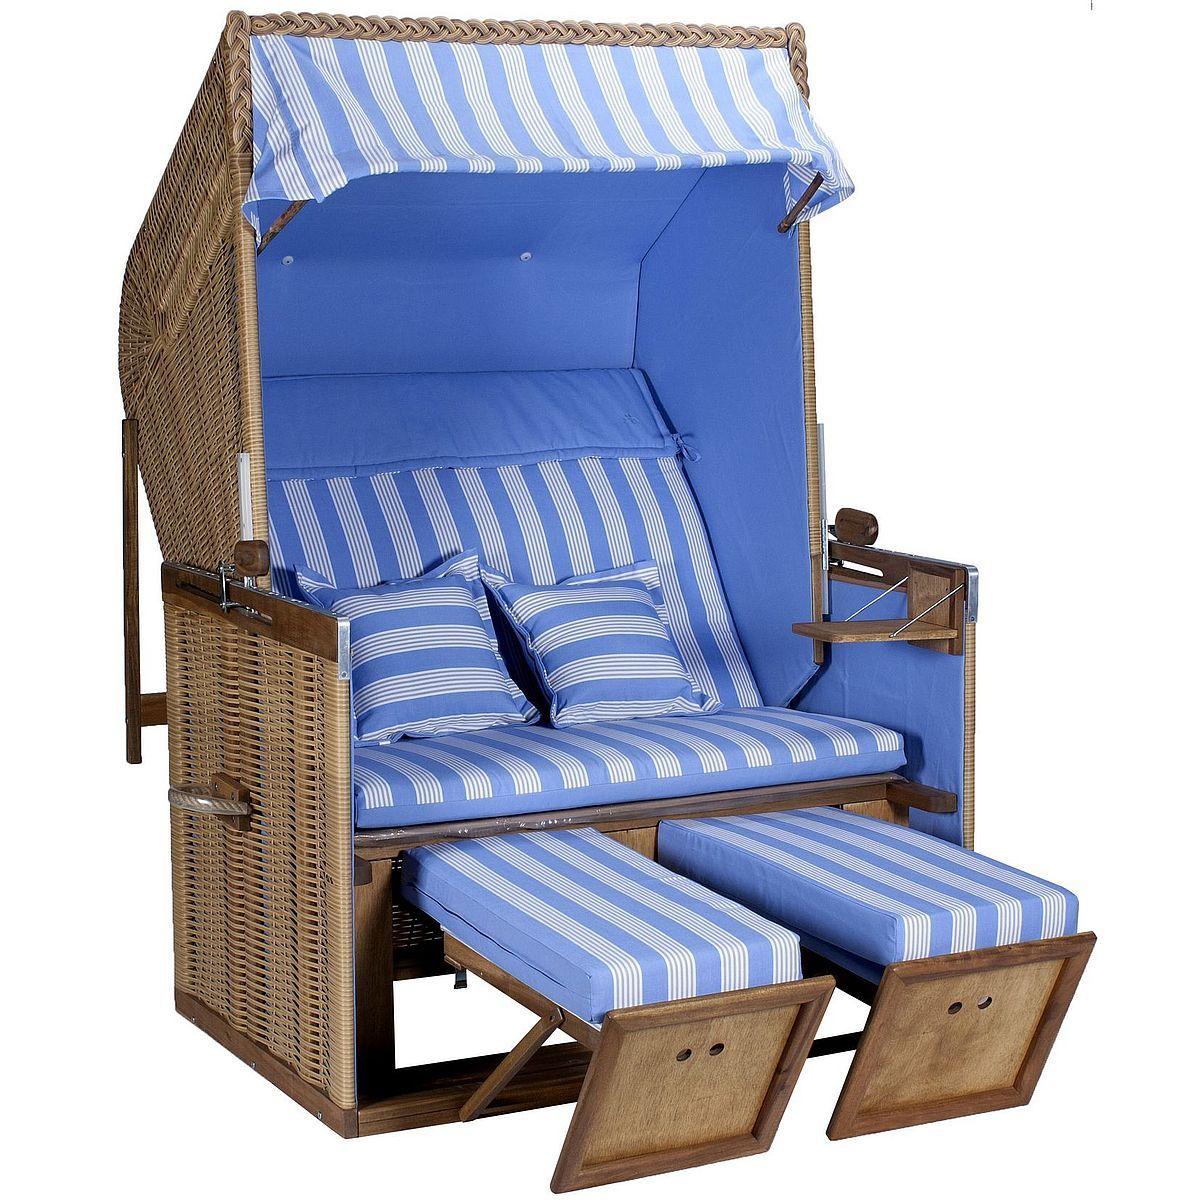 strandkorb sylt butlers rugbyclubeemland. Black Bedroom Furniture Sets. Home Design Ideas